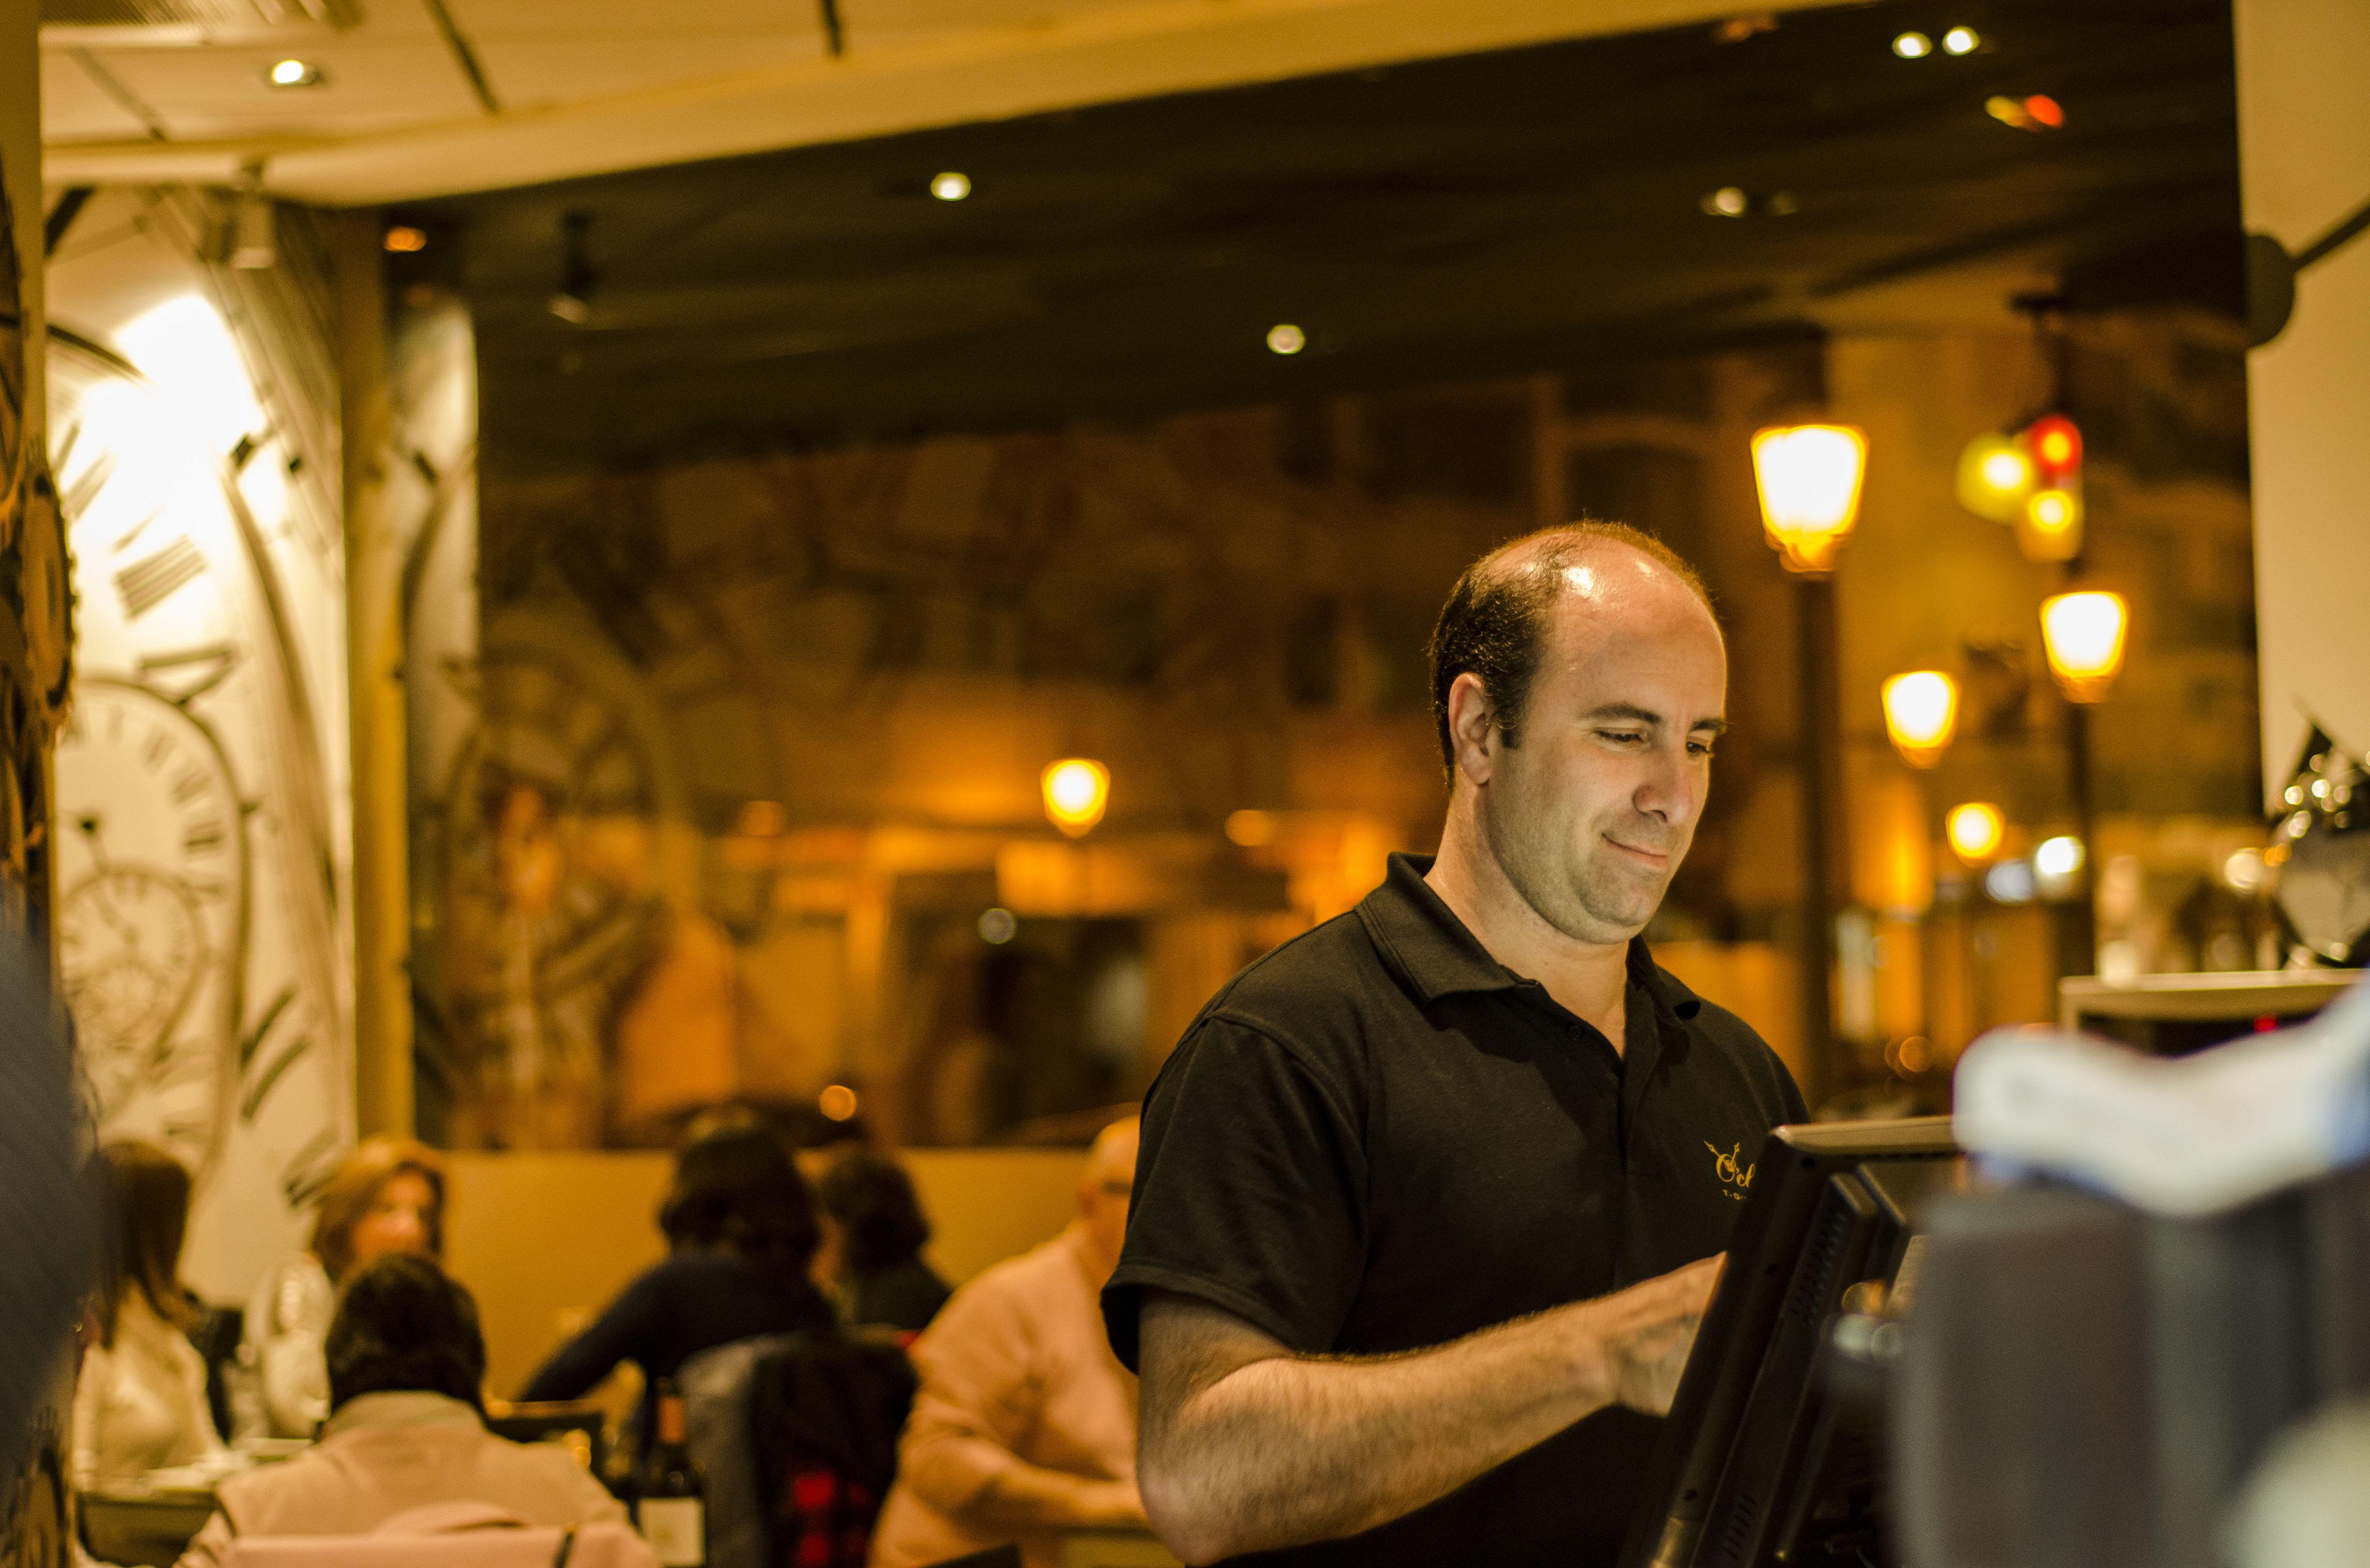 Foto 28 de Restaurante en  | Restaurante Tostería y Café O'Clock